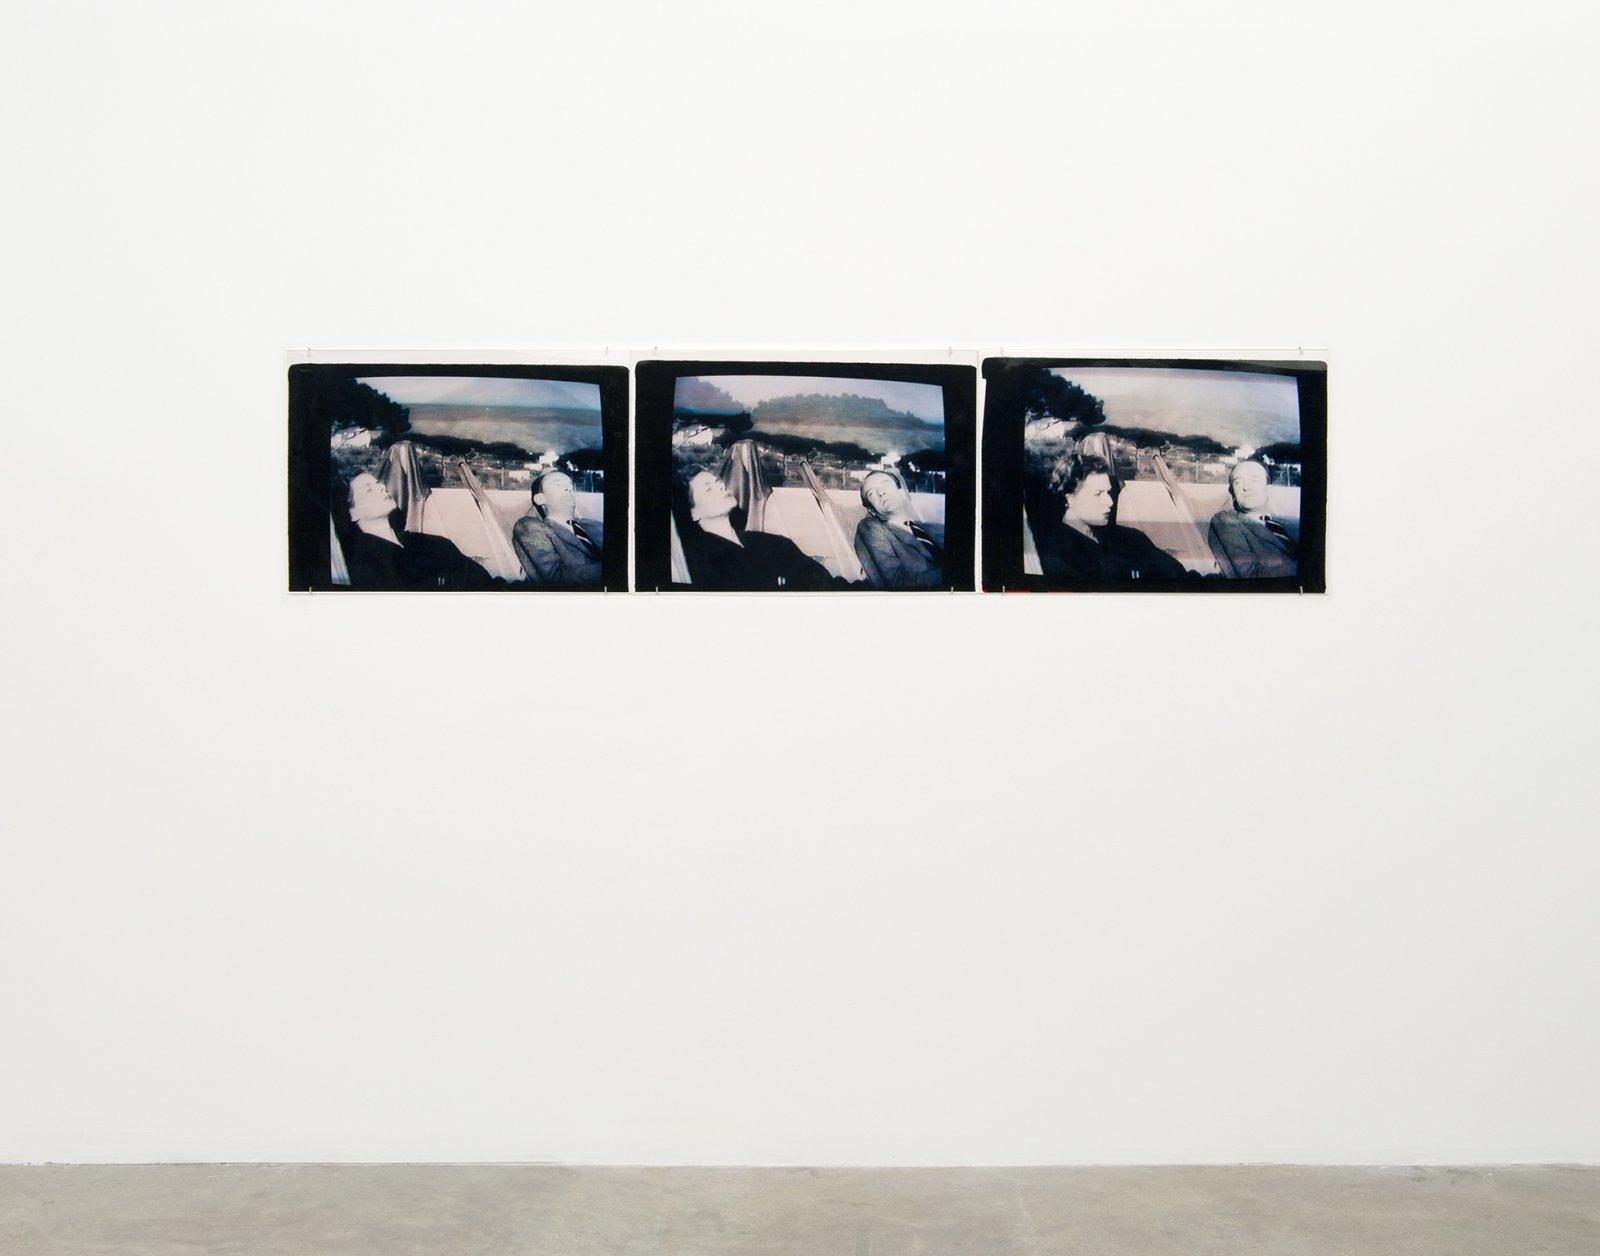 Ian Wallace, MF Stills (from Viaggio en Italia) I, II, III, 1997, 3 c-prints, 20 x 83 in. (51 x 211 cm) by Ian Wallace